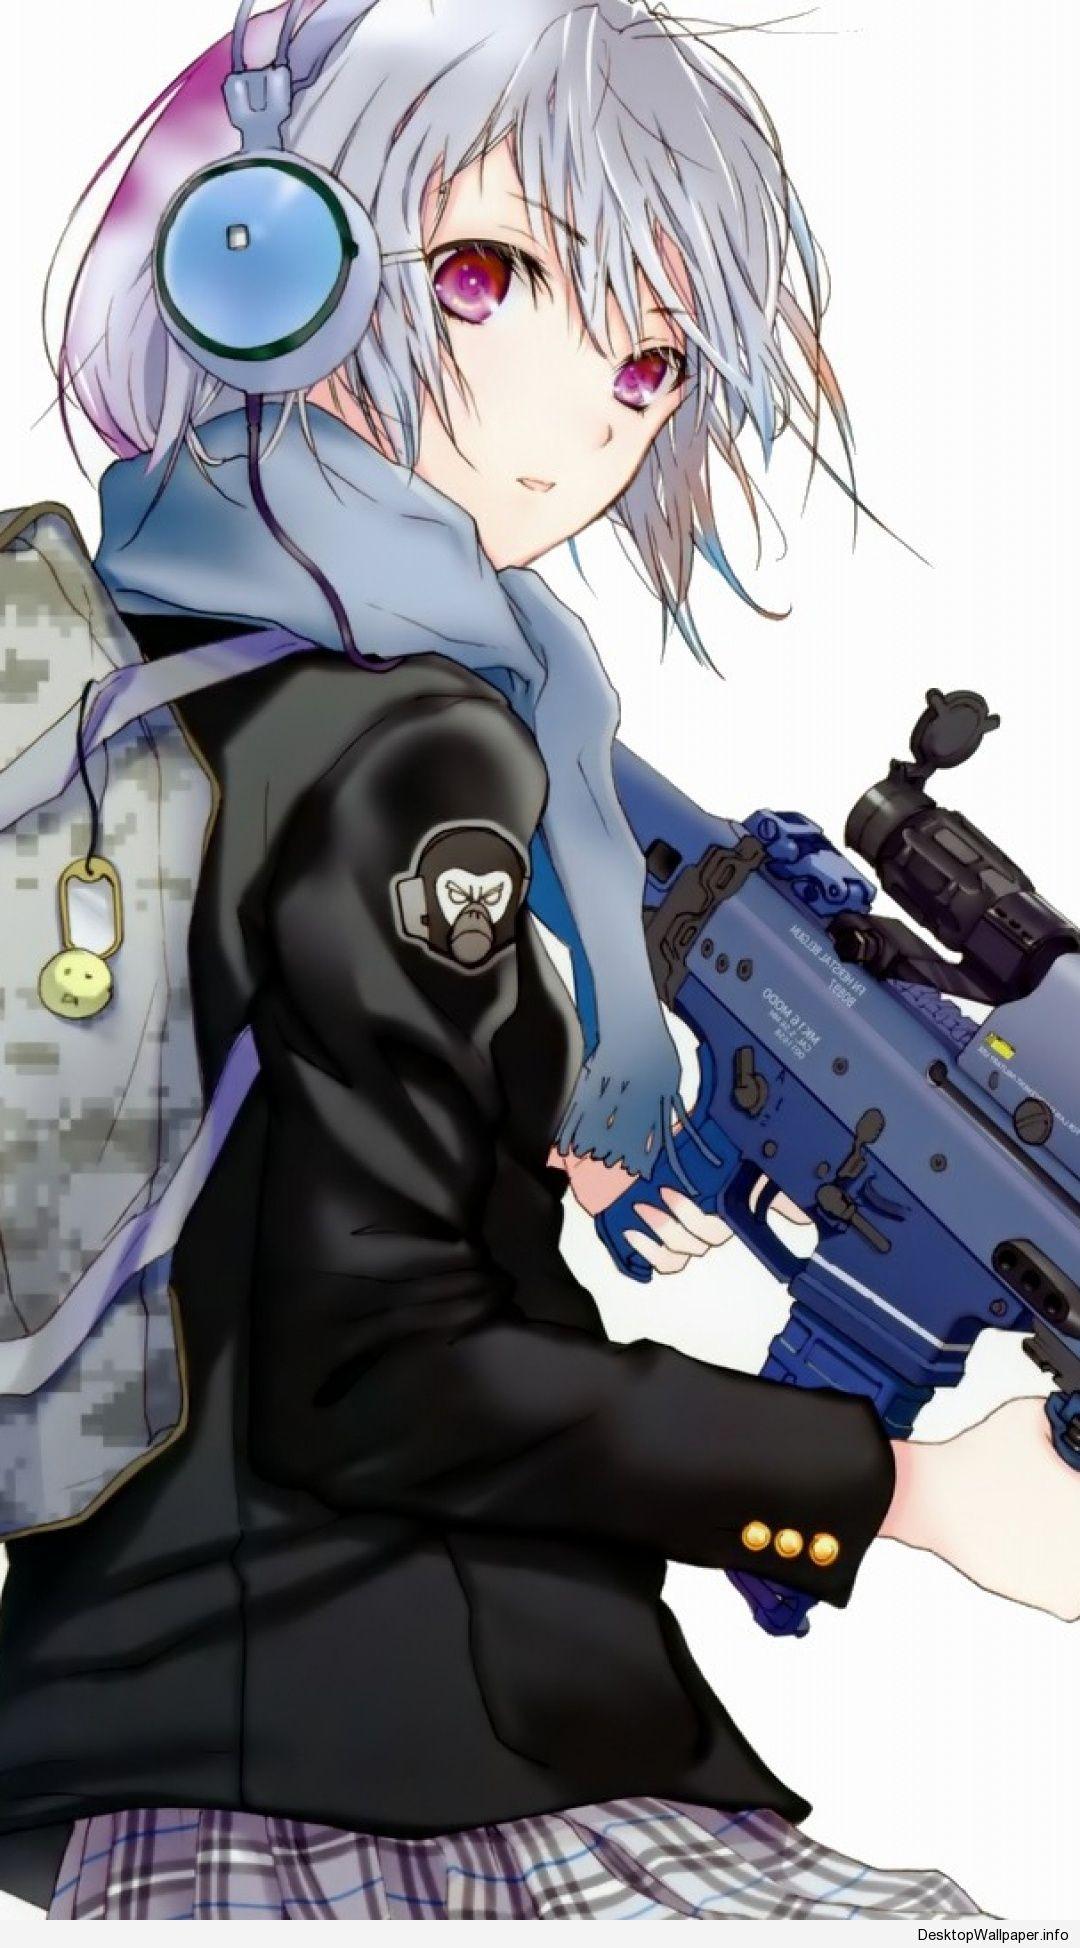 anime wallpaper 1080x1920 http//desktopwallpaper.info